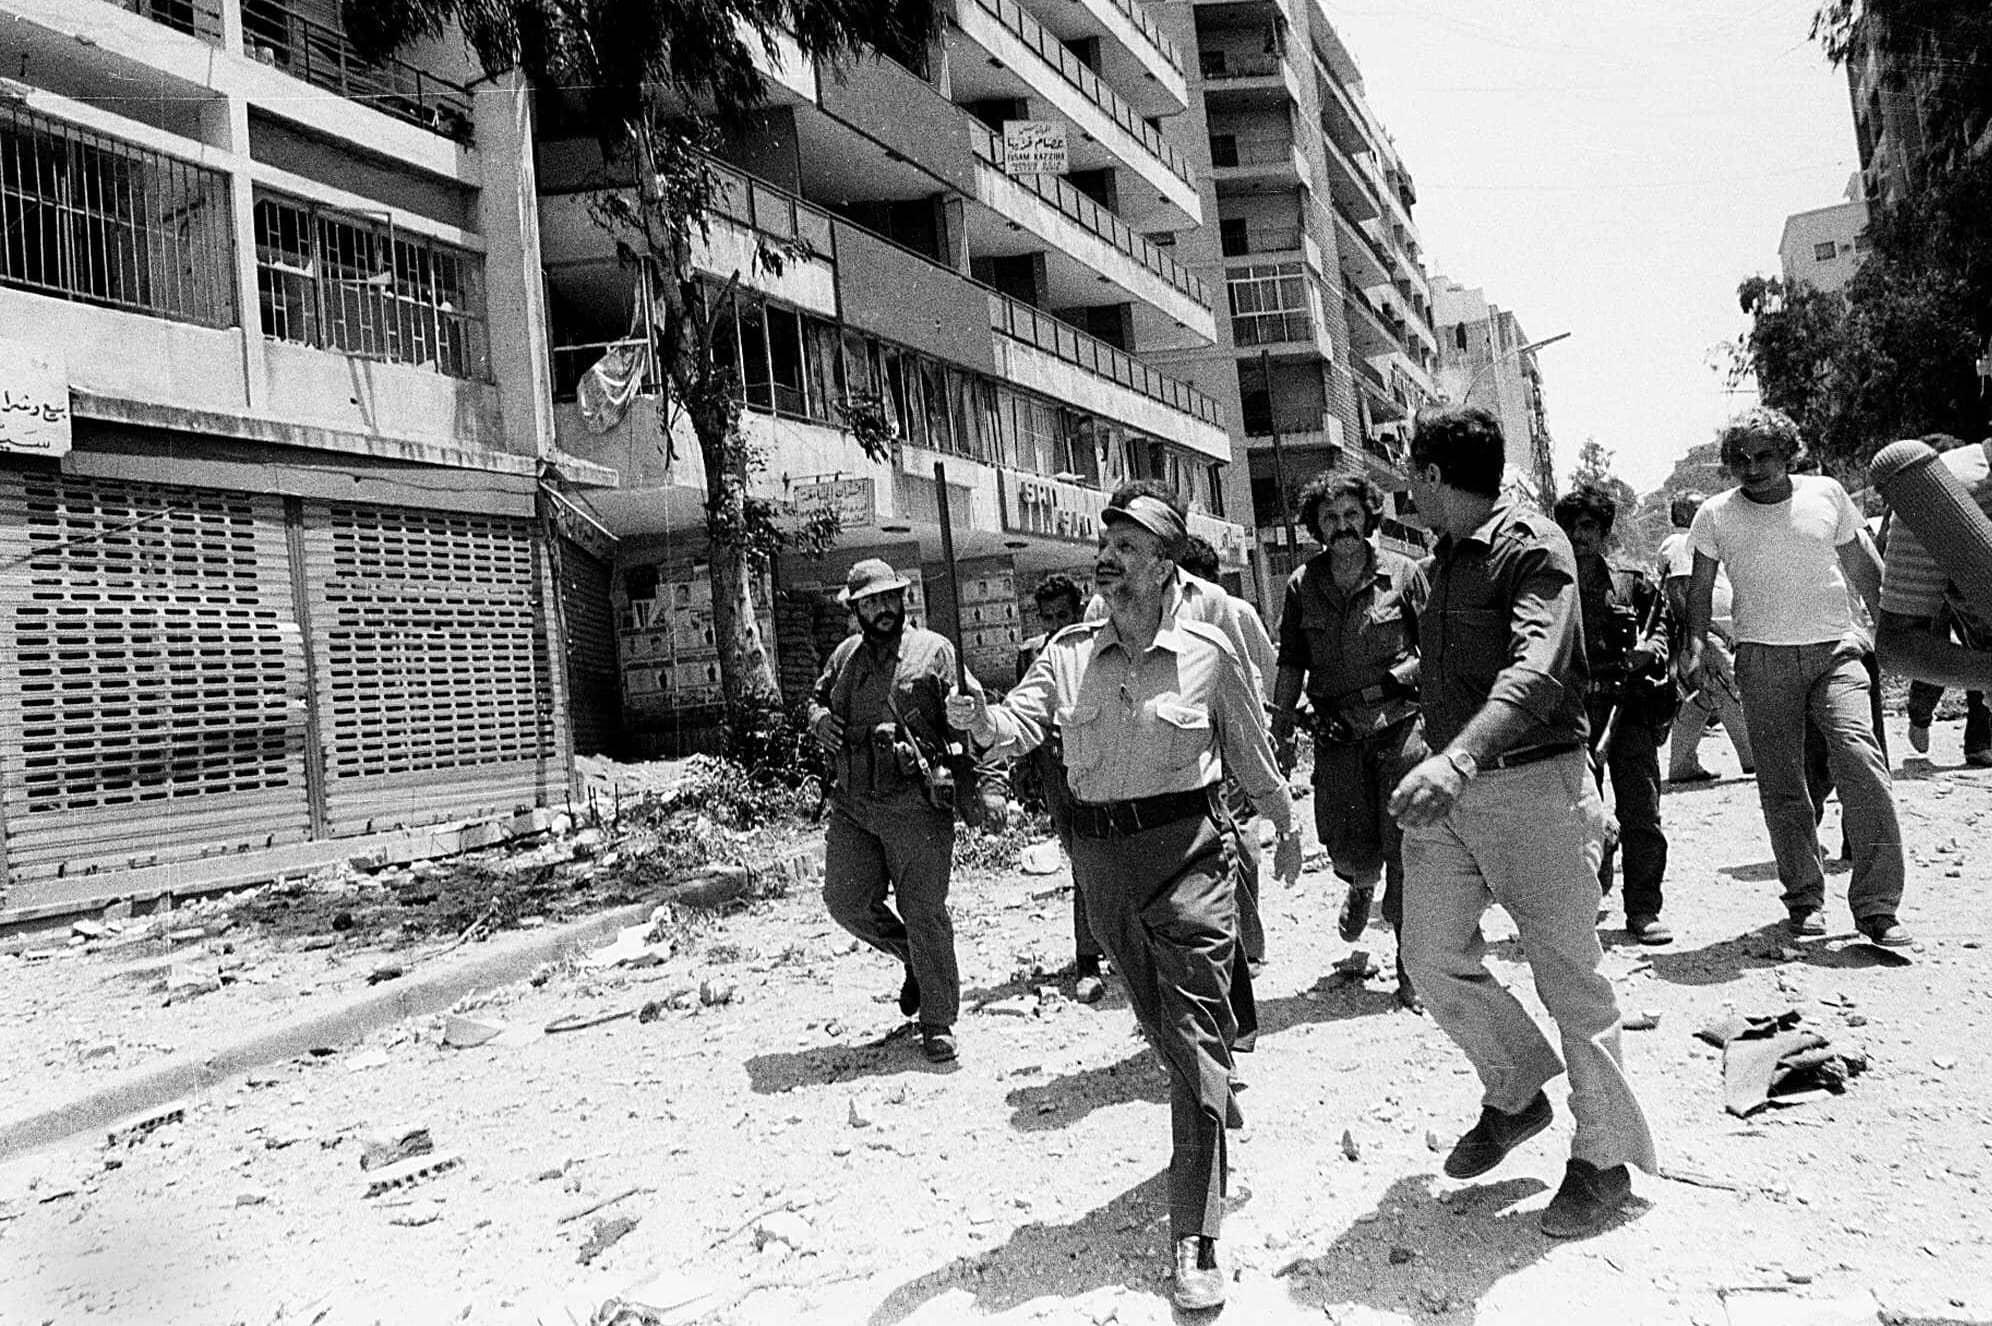 יאסר ערפאת, מקדימה במרכז, בוחן את הנזק באזור האוניברסיטה הערבית במערב ביירות, 2 באוגוסט 1982, בעקבות הפגזה כבדה שביצעה ישראל יום קודם לכן (צילום: AP Photo/Mourad Raouf)